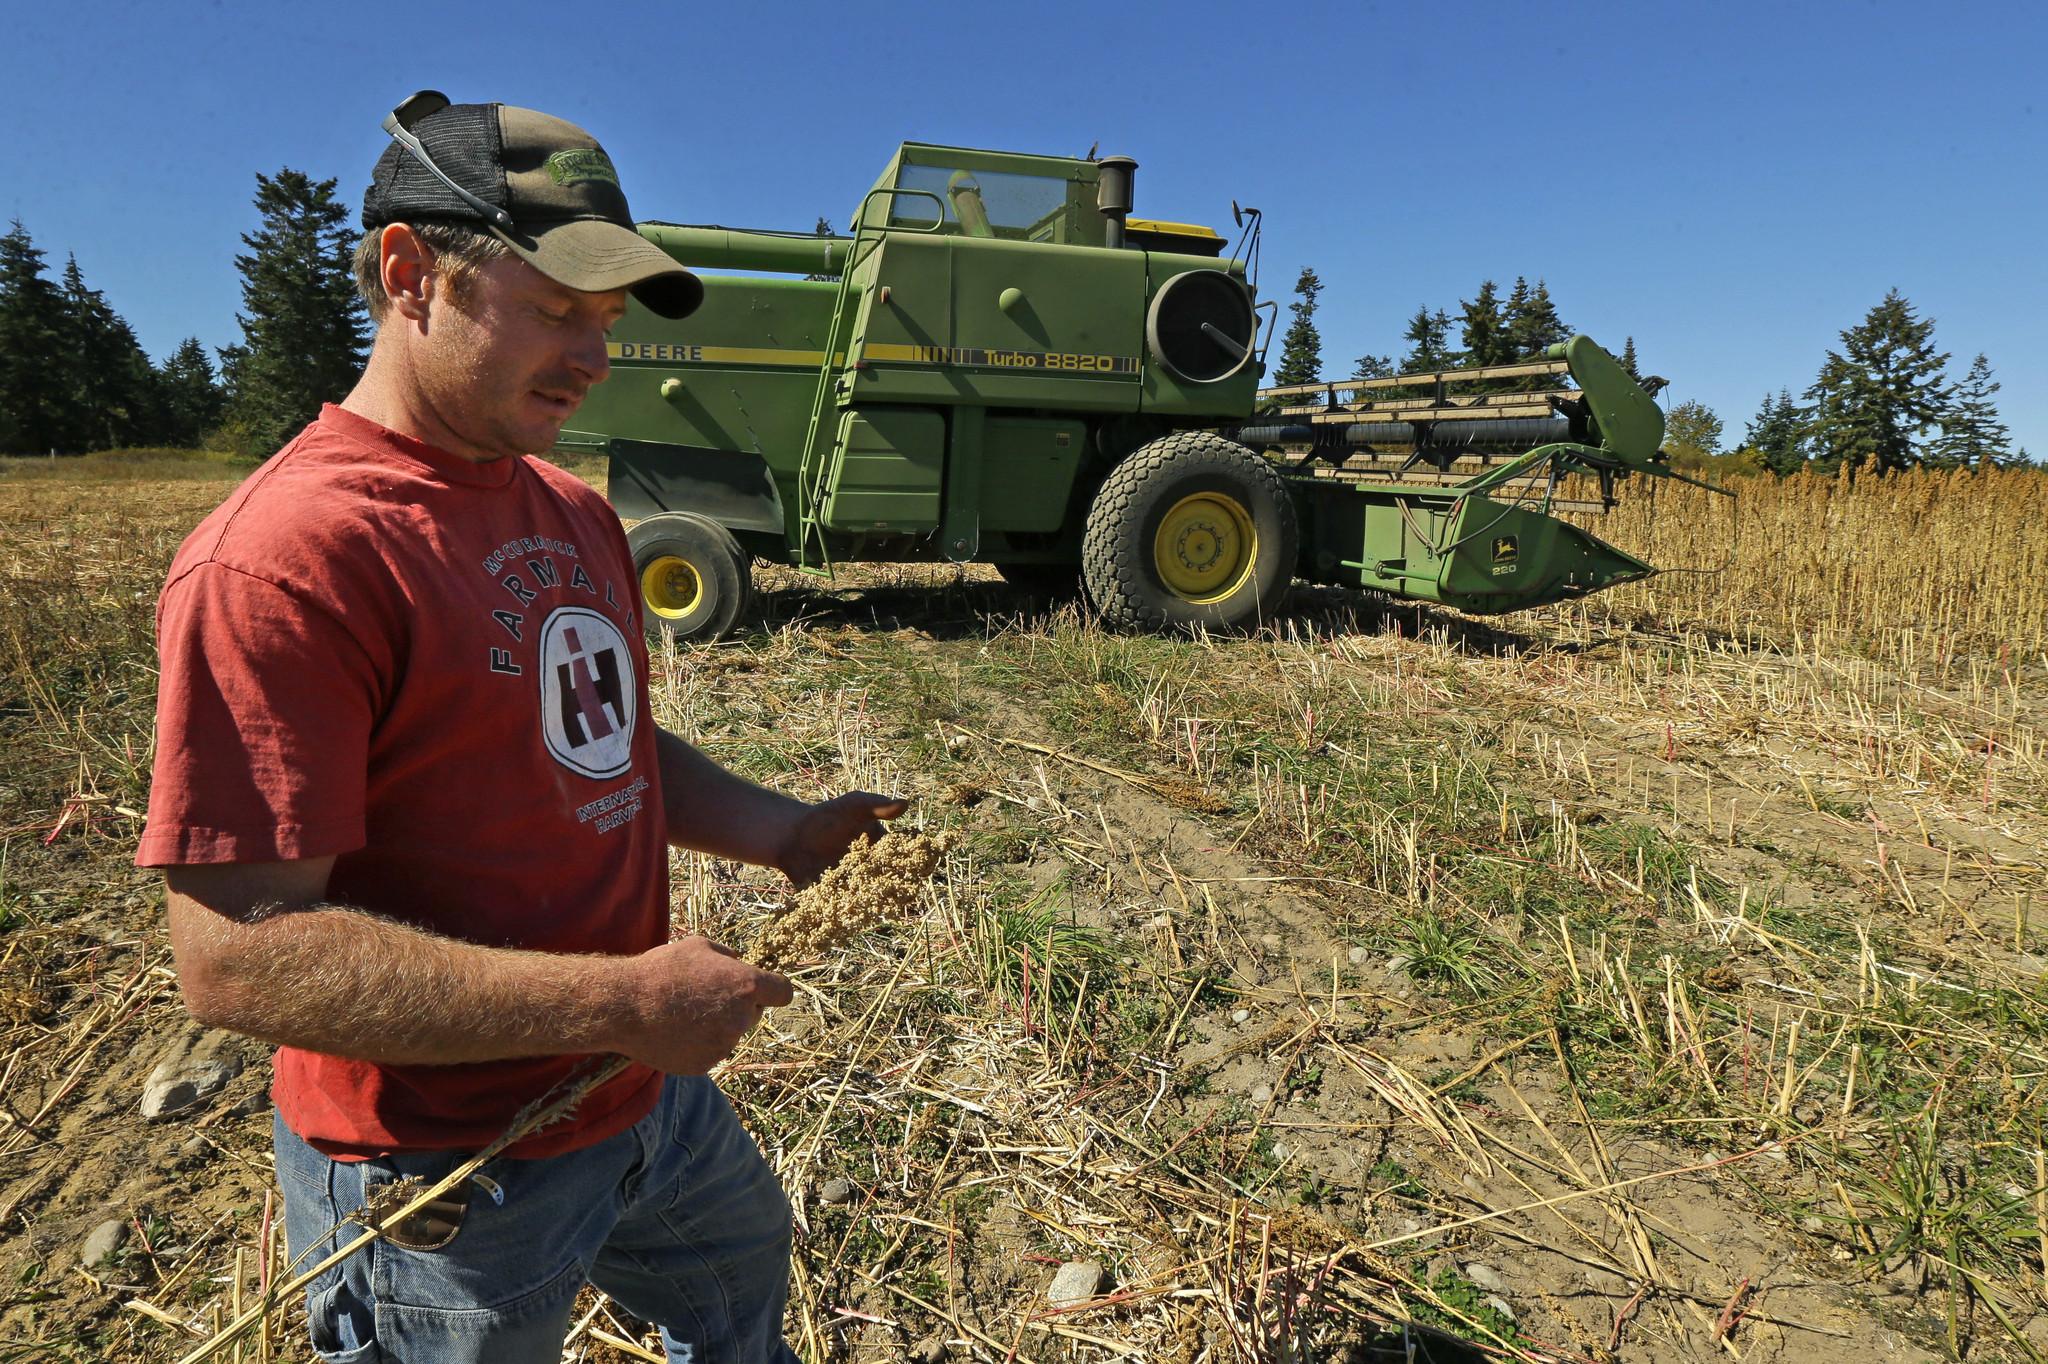 Estadounidenses empiezan a cultivar quinua - El Sentinel